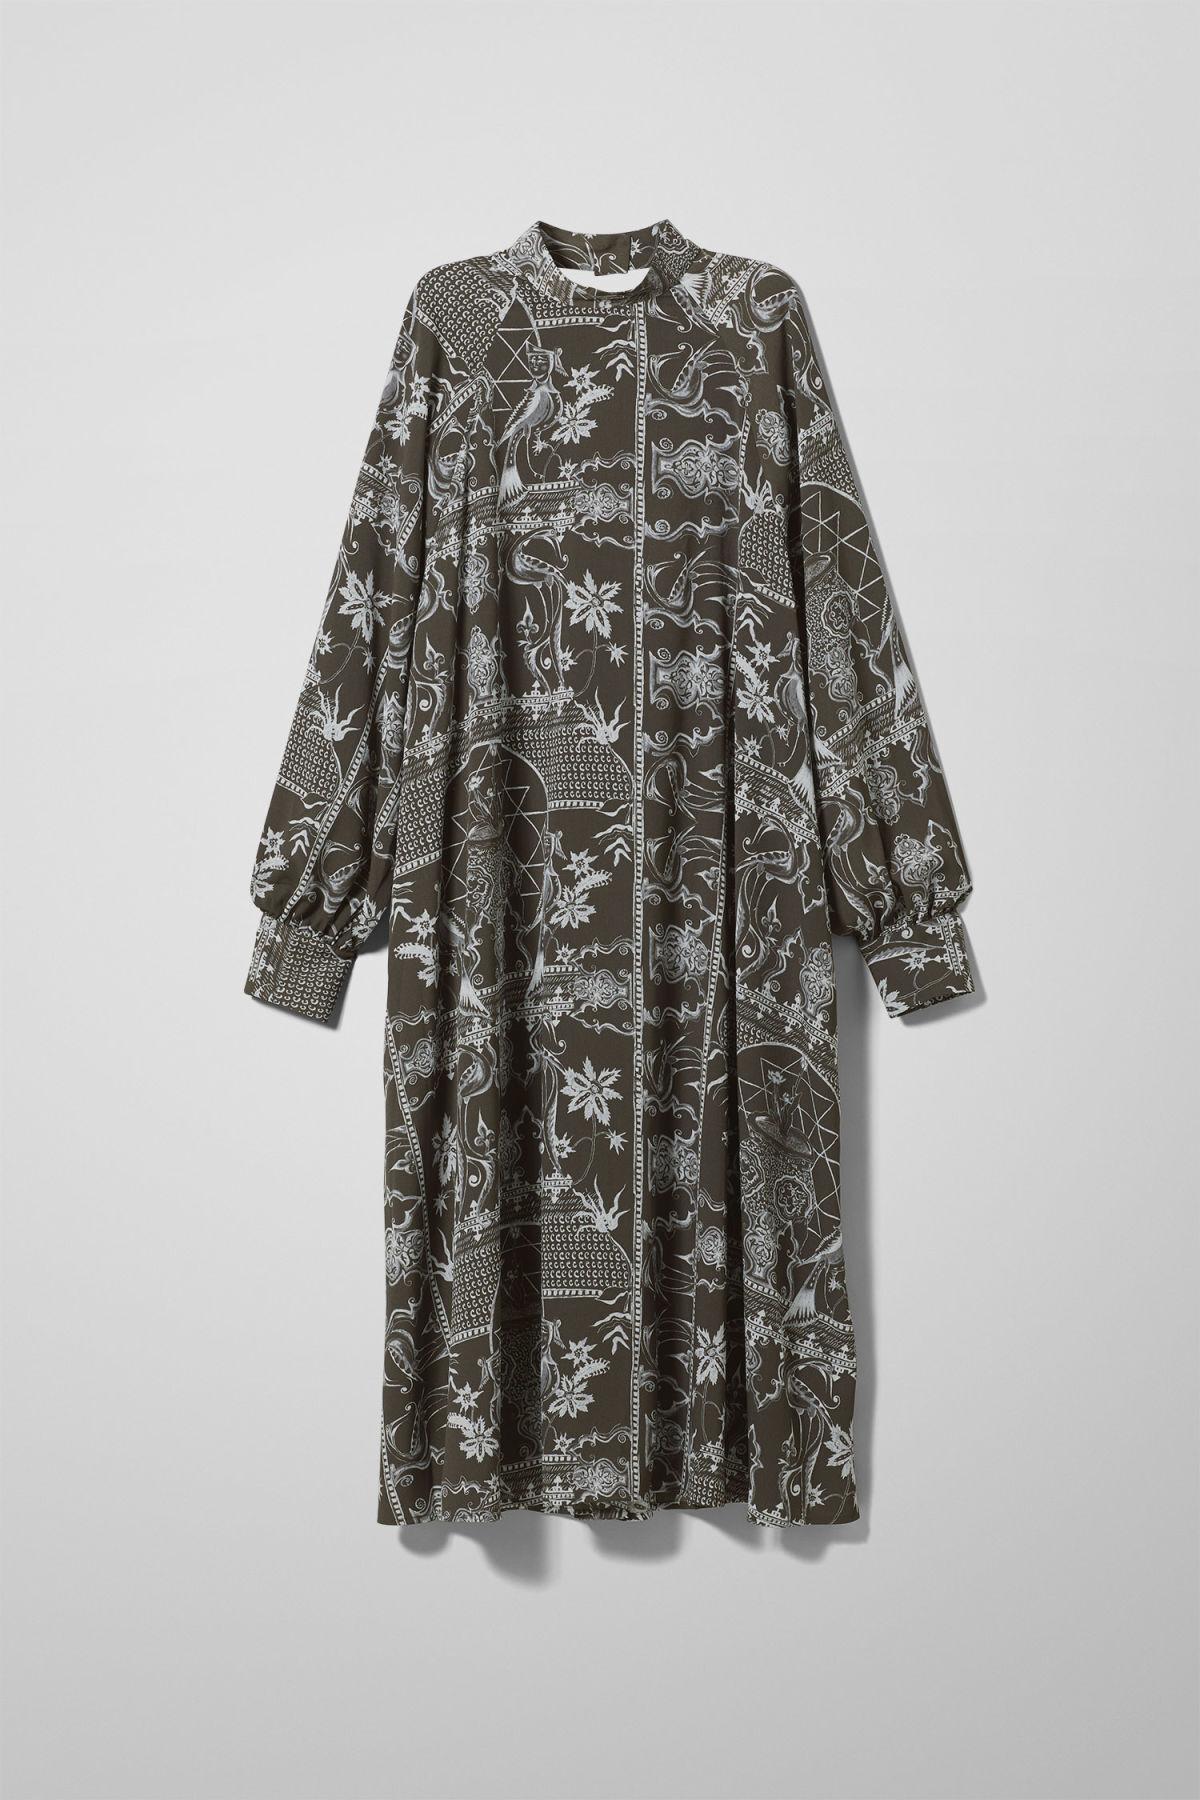 Image of Ethel Dress - Black-XS